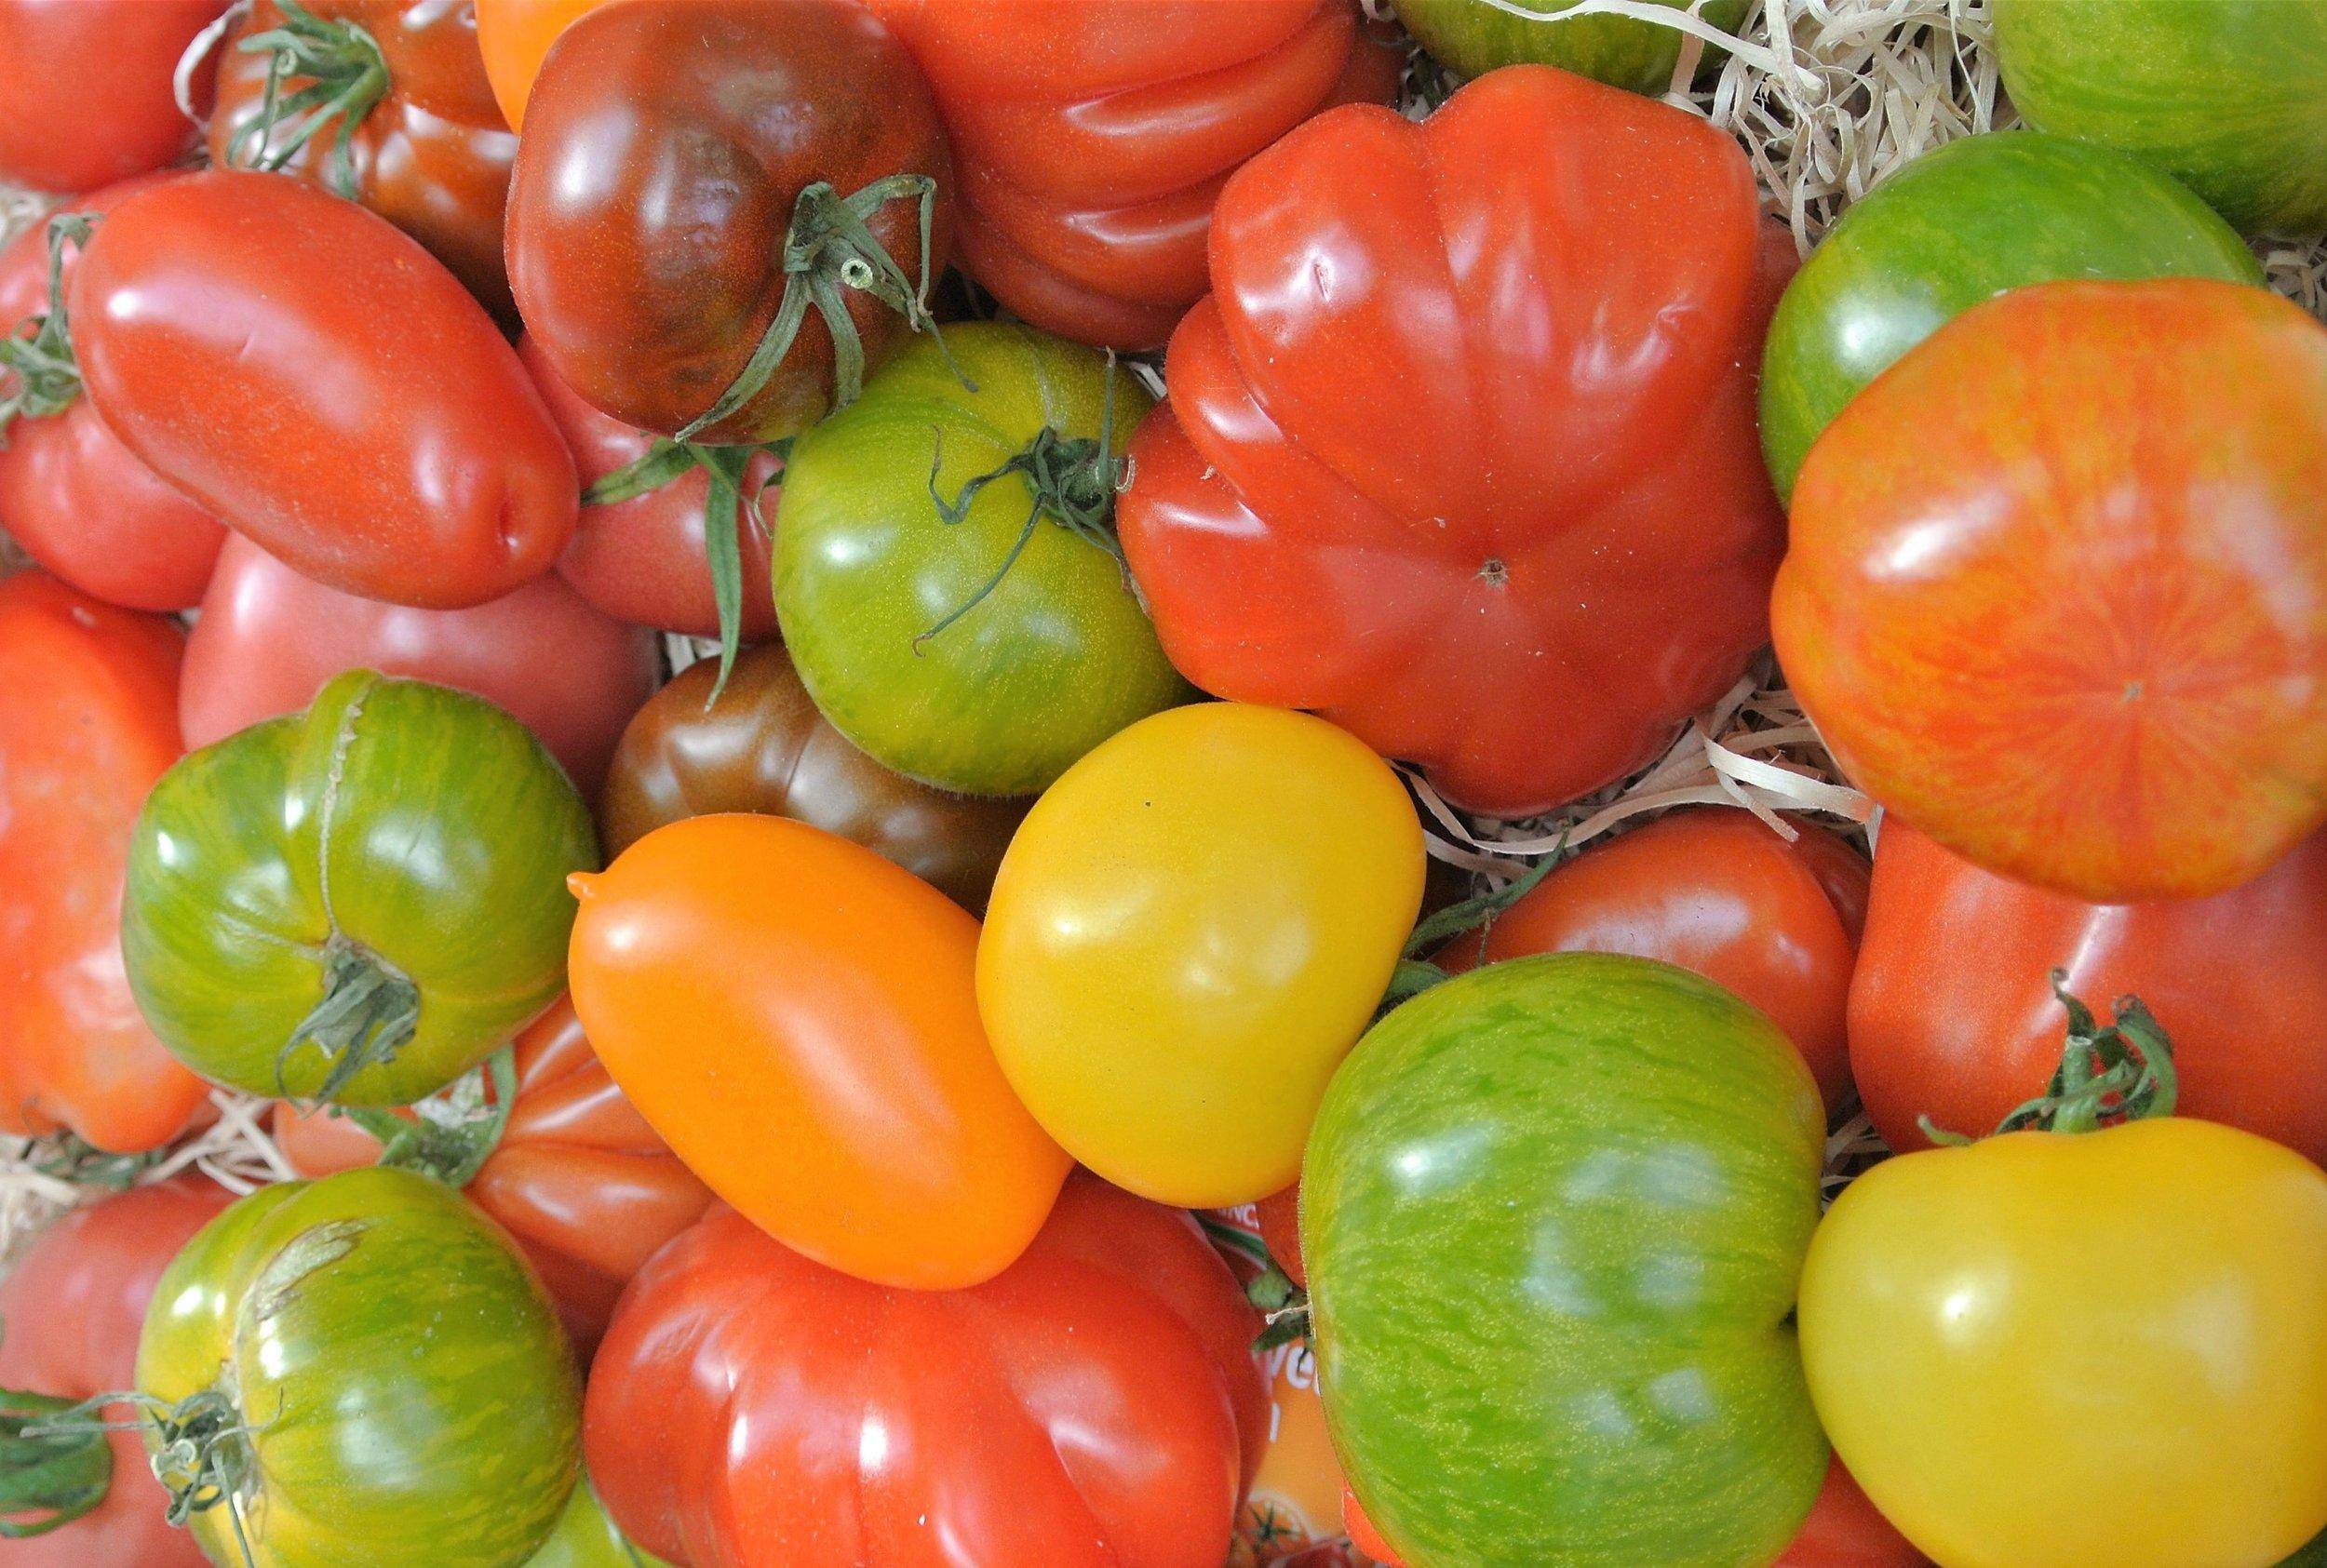 tomatoes_sannarosell